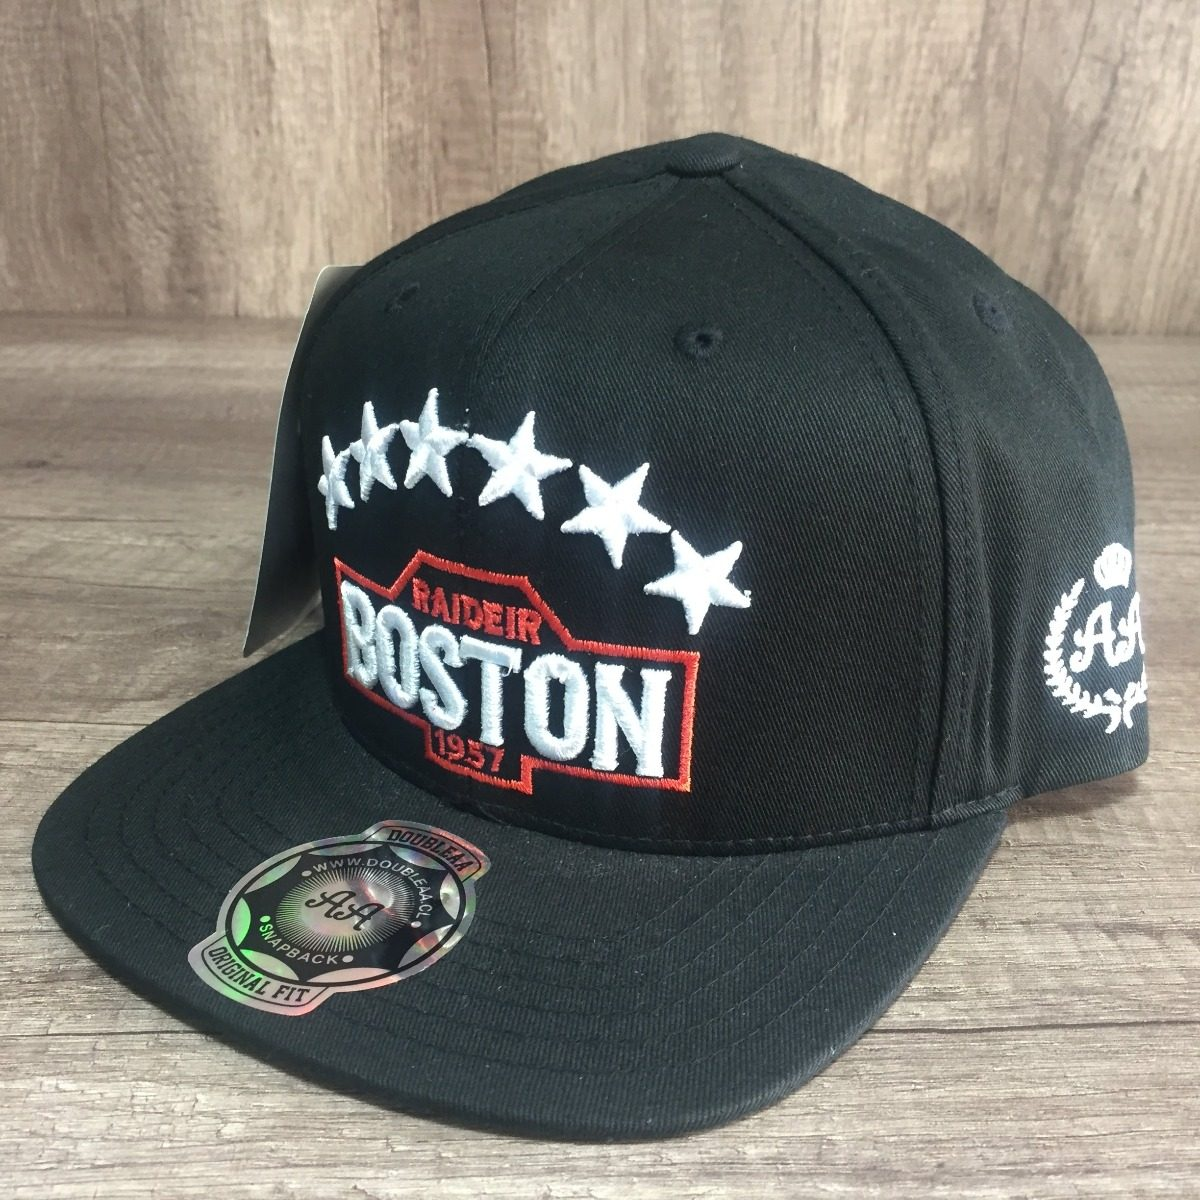 gorra doubleaa 100% original negra boston hombre doble a. Cargando zoom. 9da5695884a